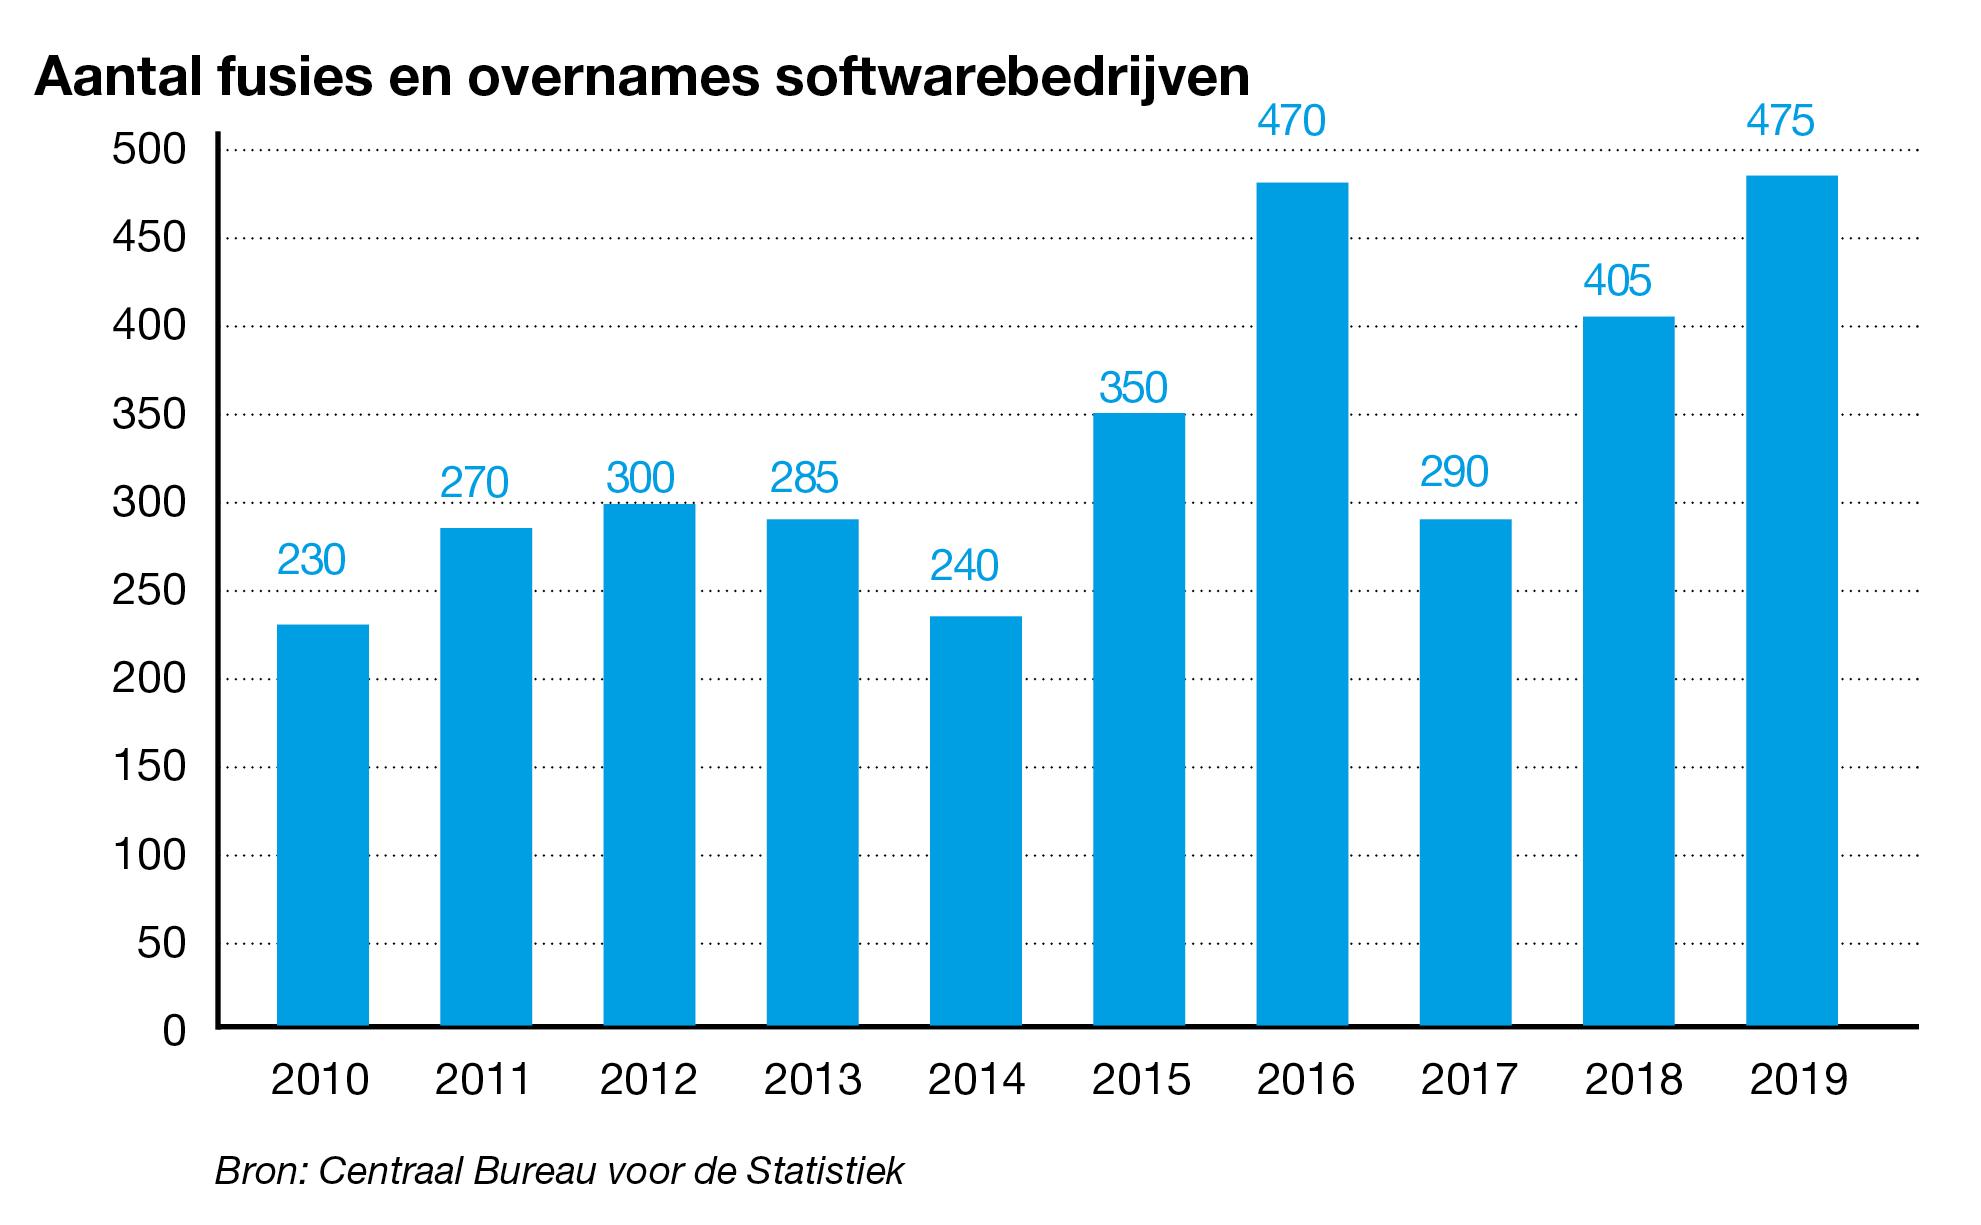 Aantal overnames softwarebedrijven